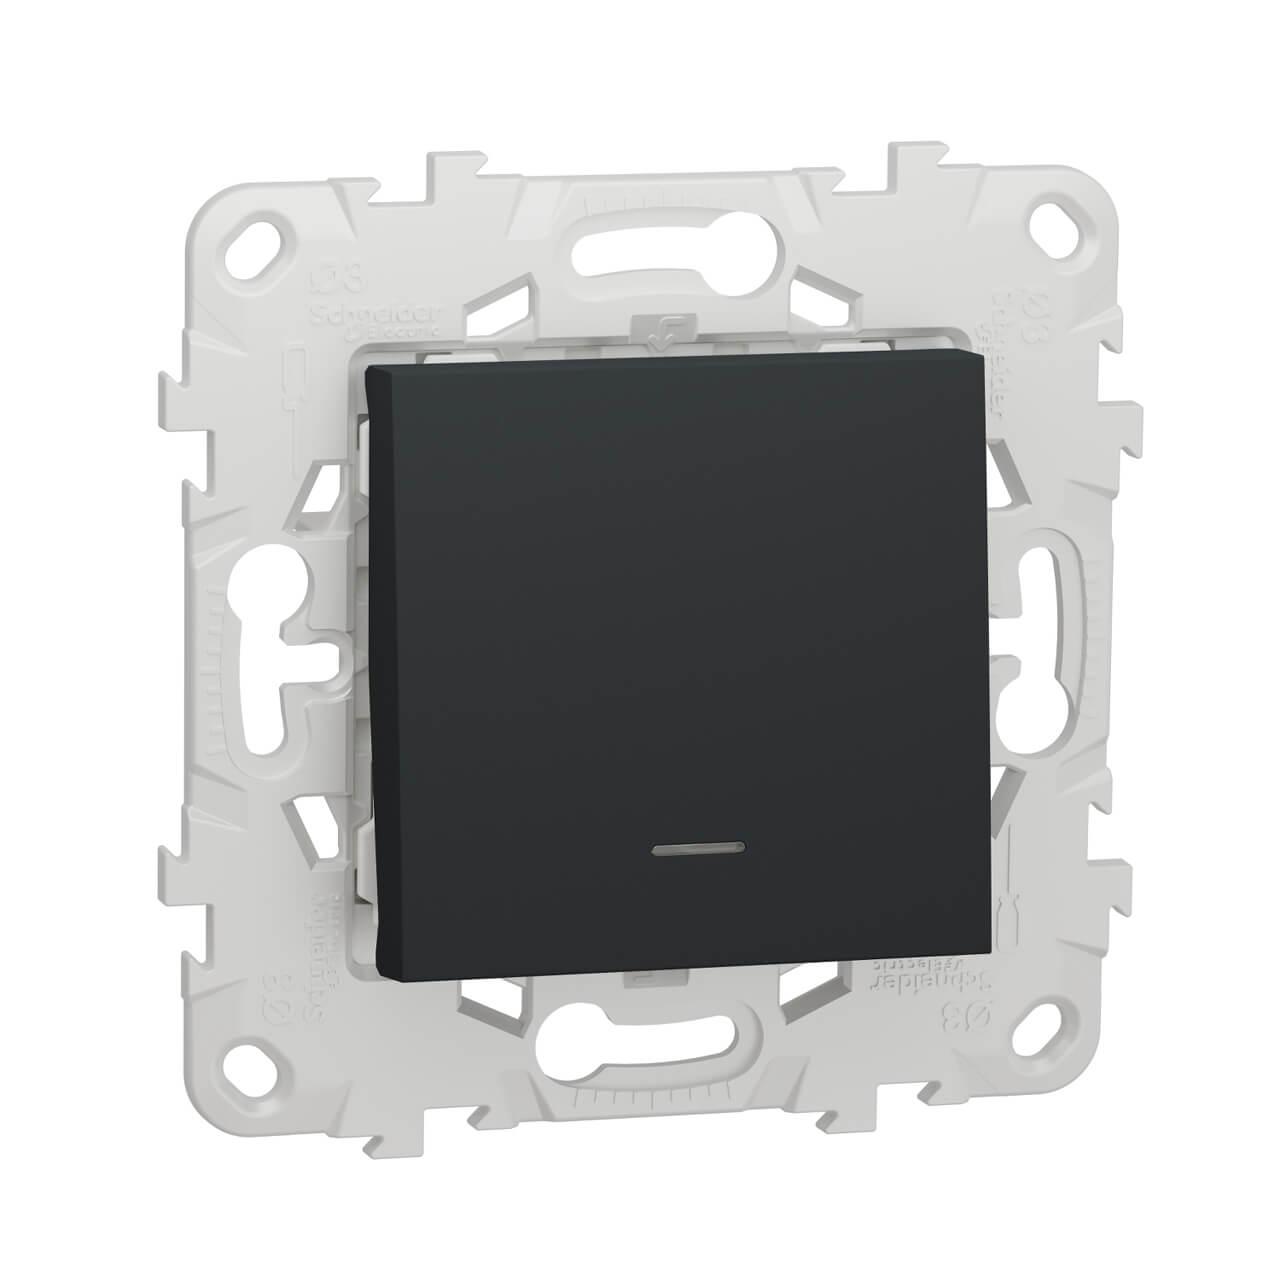 Переключатель одноклавишный с подсветкой Schneider Electric Unica New NU520354N schneider одноклавишный кнопочный выключатель unica с подсветкой графит